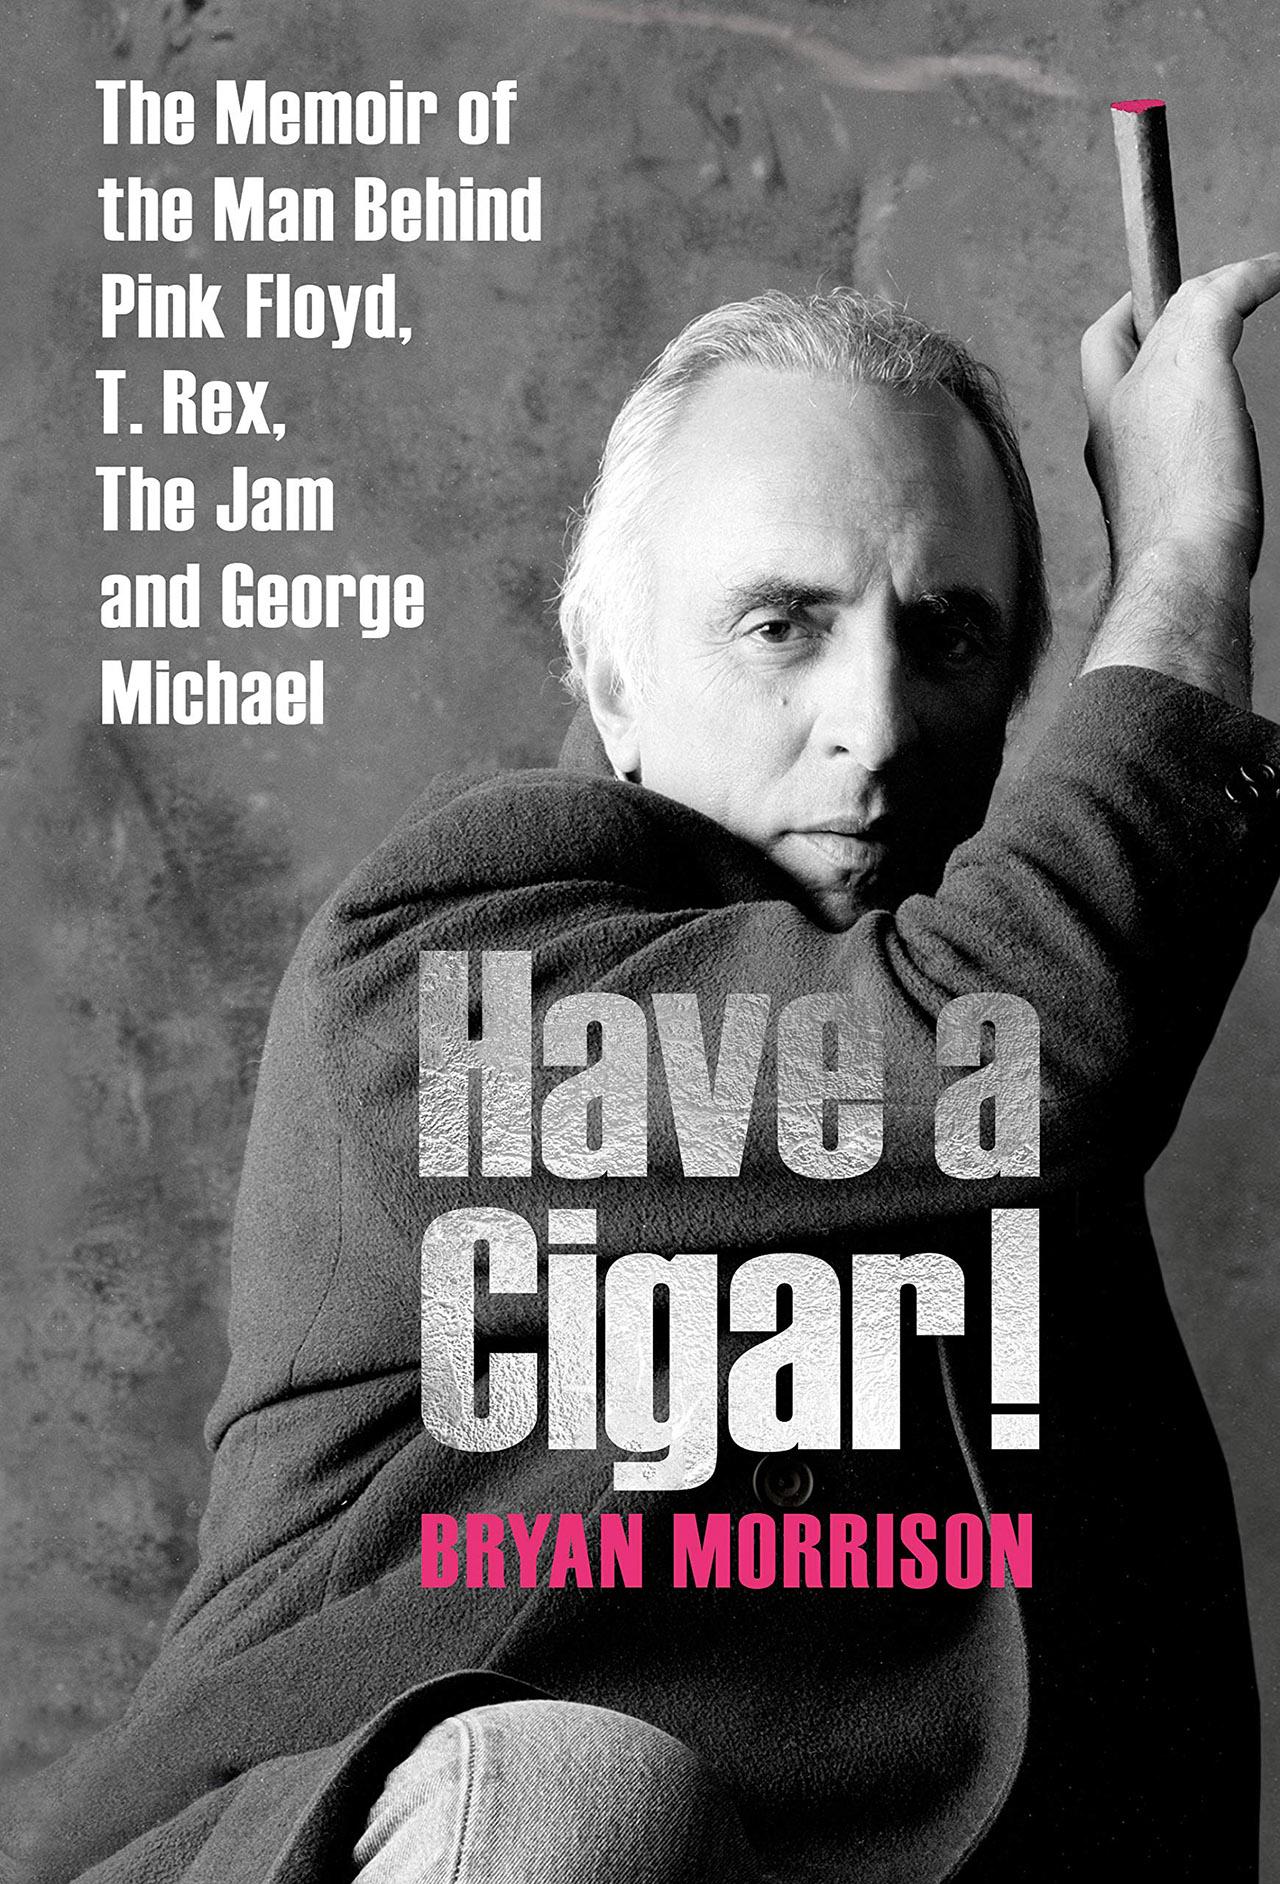 Late British music mogul Bryan Morrison's memoir set for release   Louder